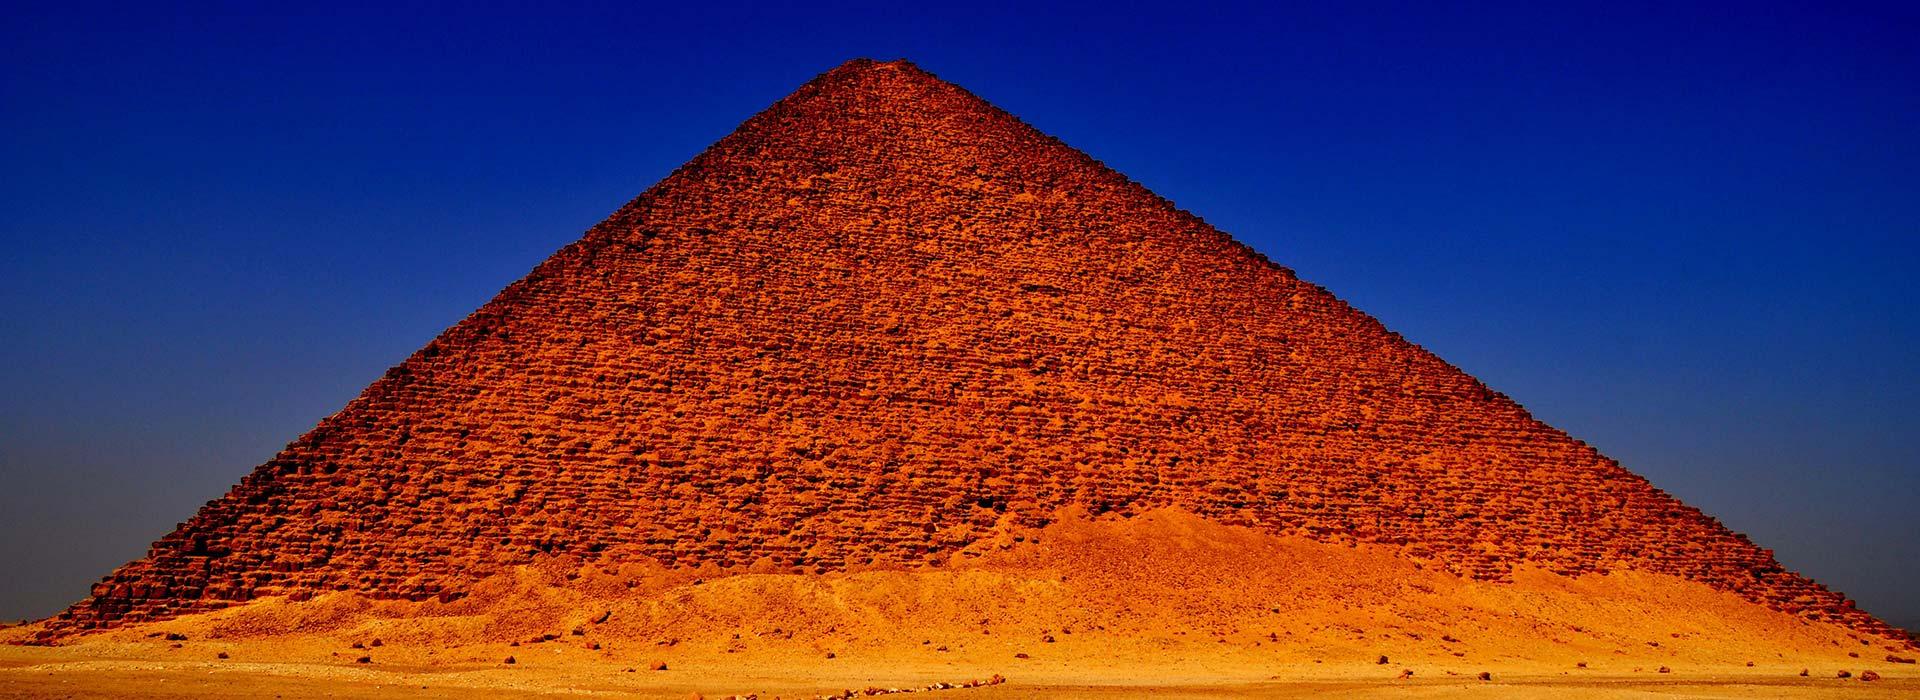 Calendario Magico Mestruazioni Antico.Il Potere Magico Degli Amuleti Egizi